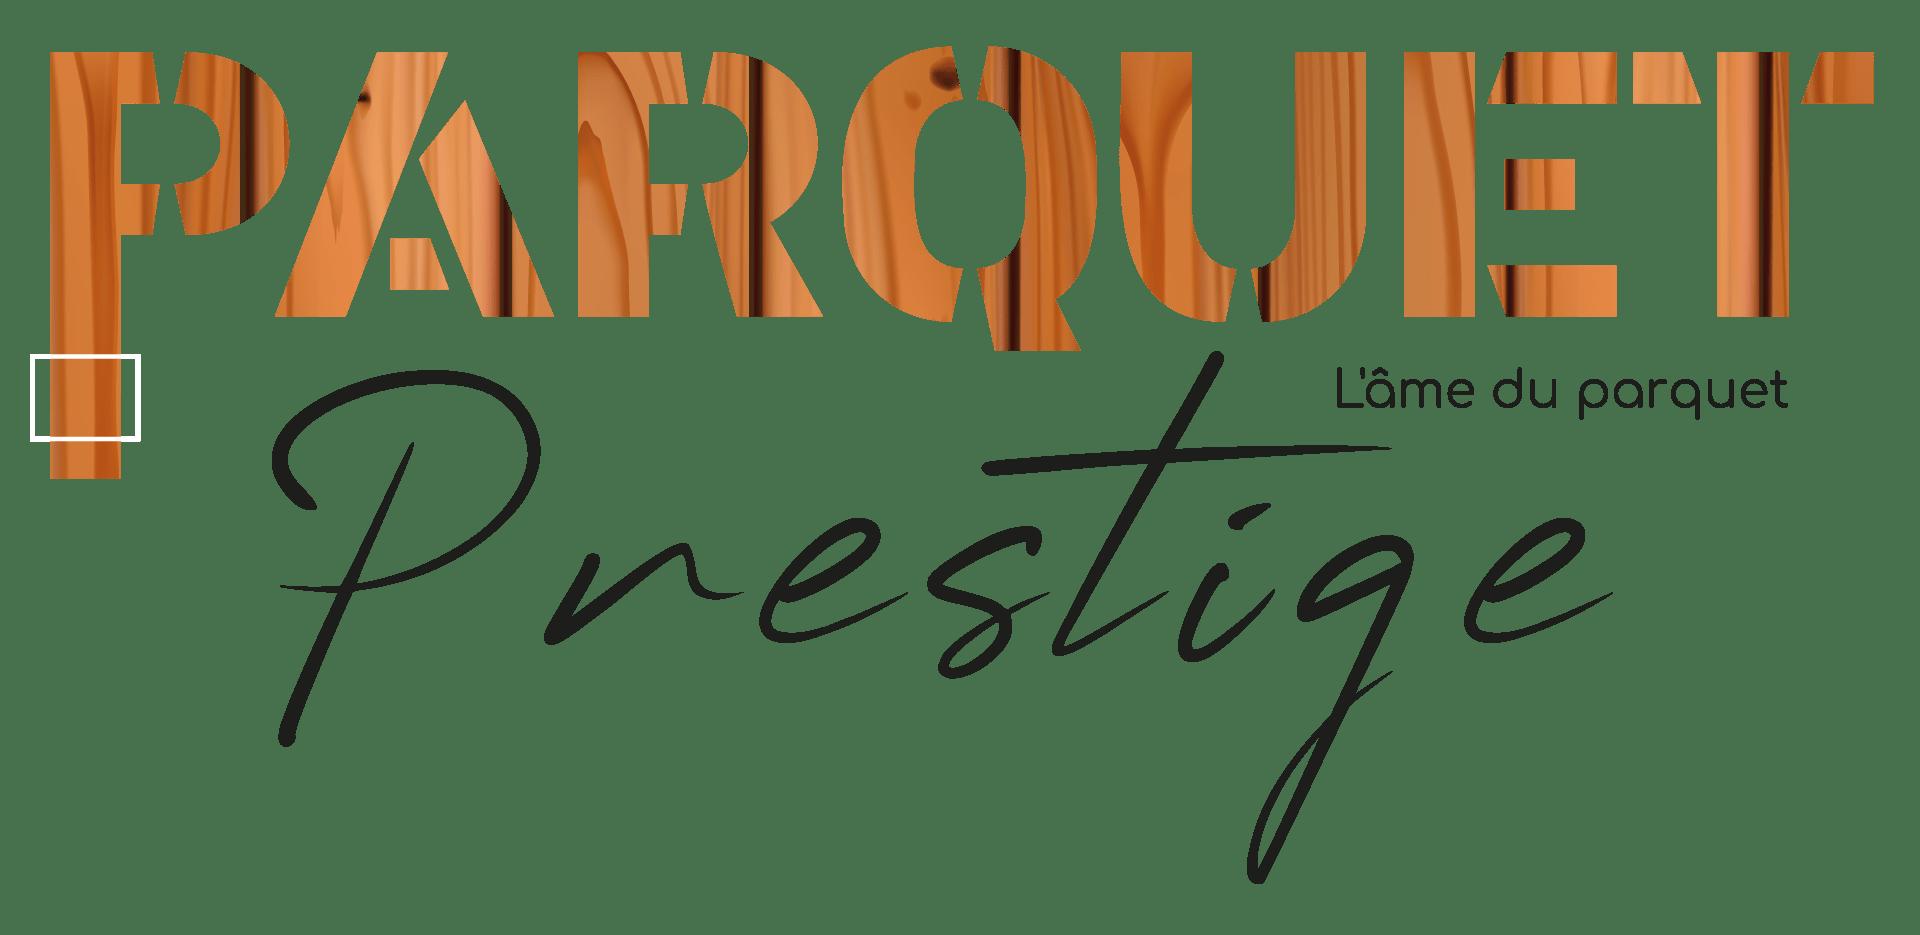 Parquet Prestige à Rouen pour I-media agence digitale à Rouen